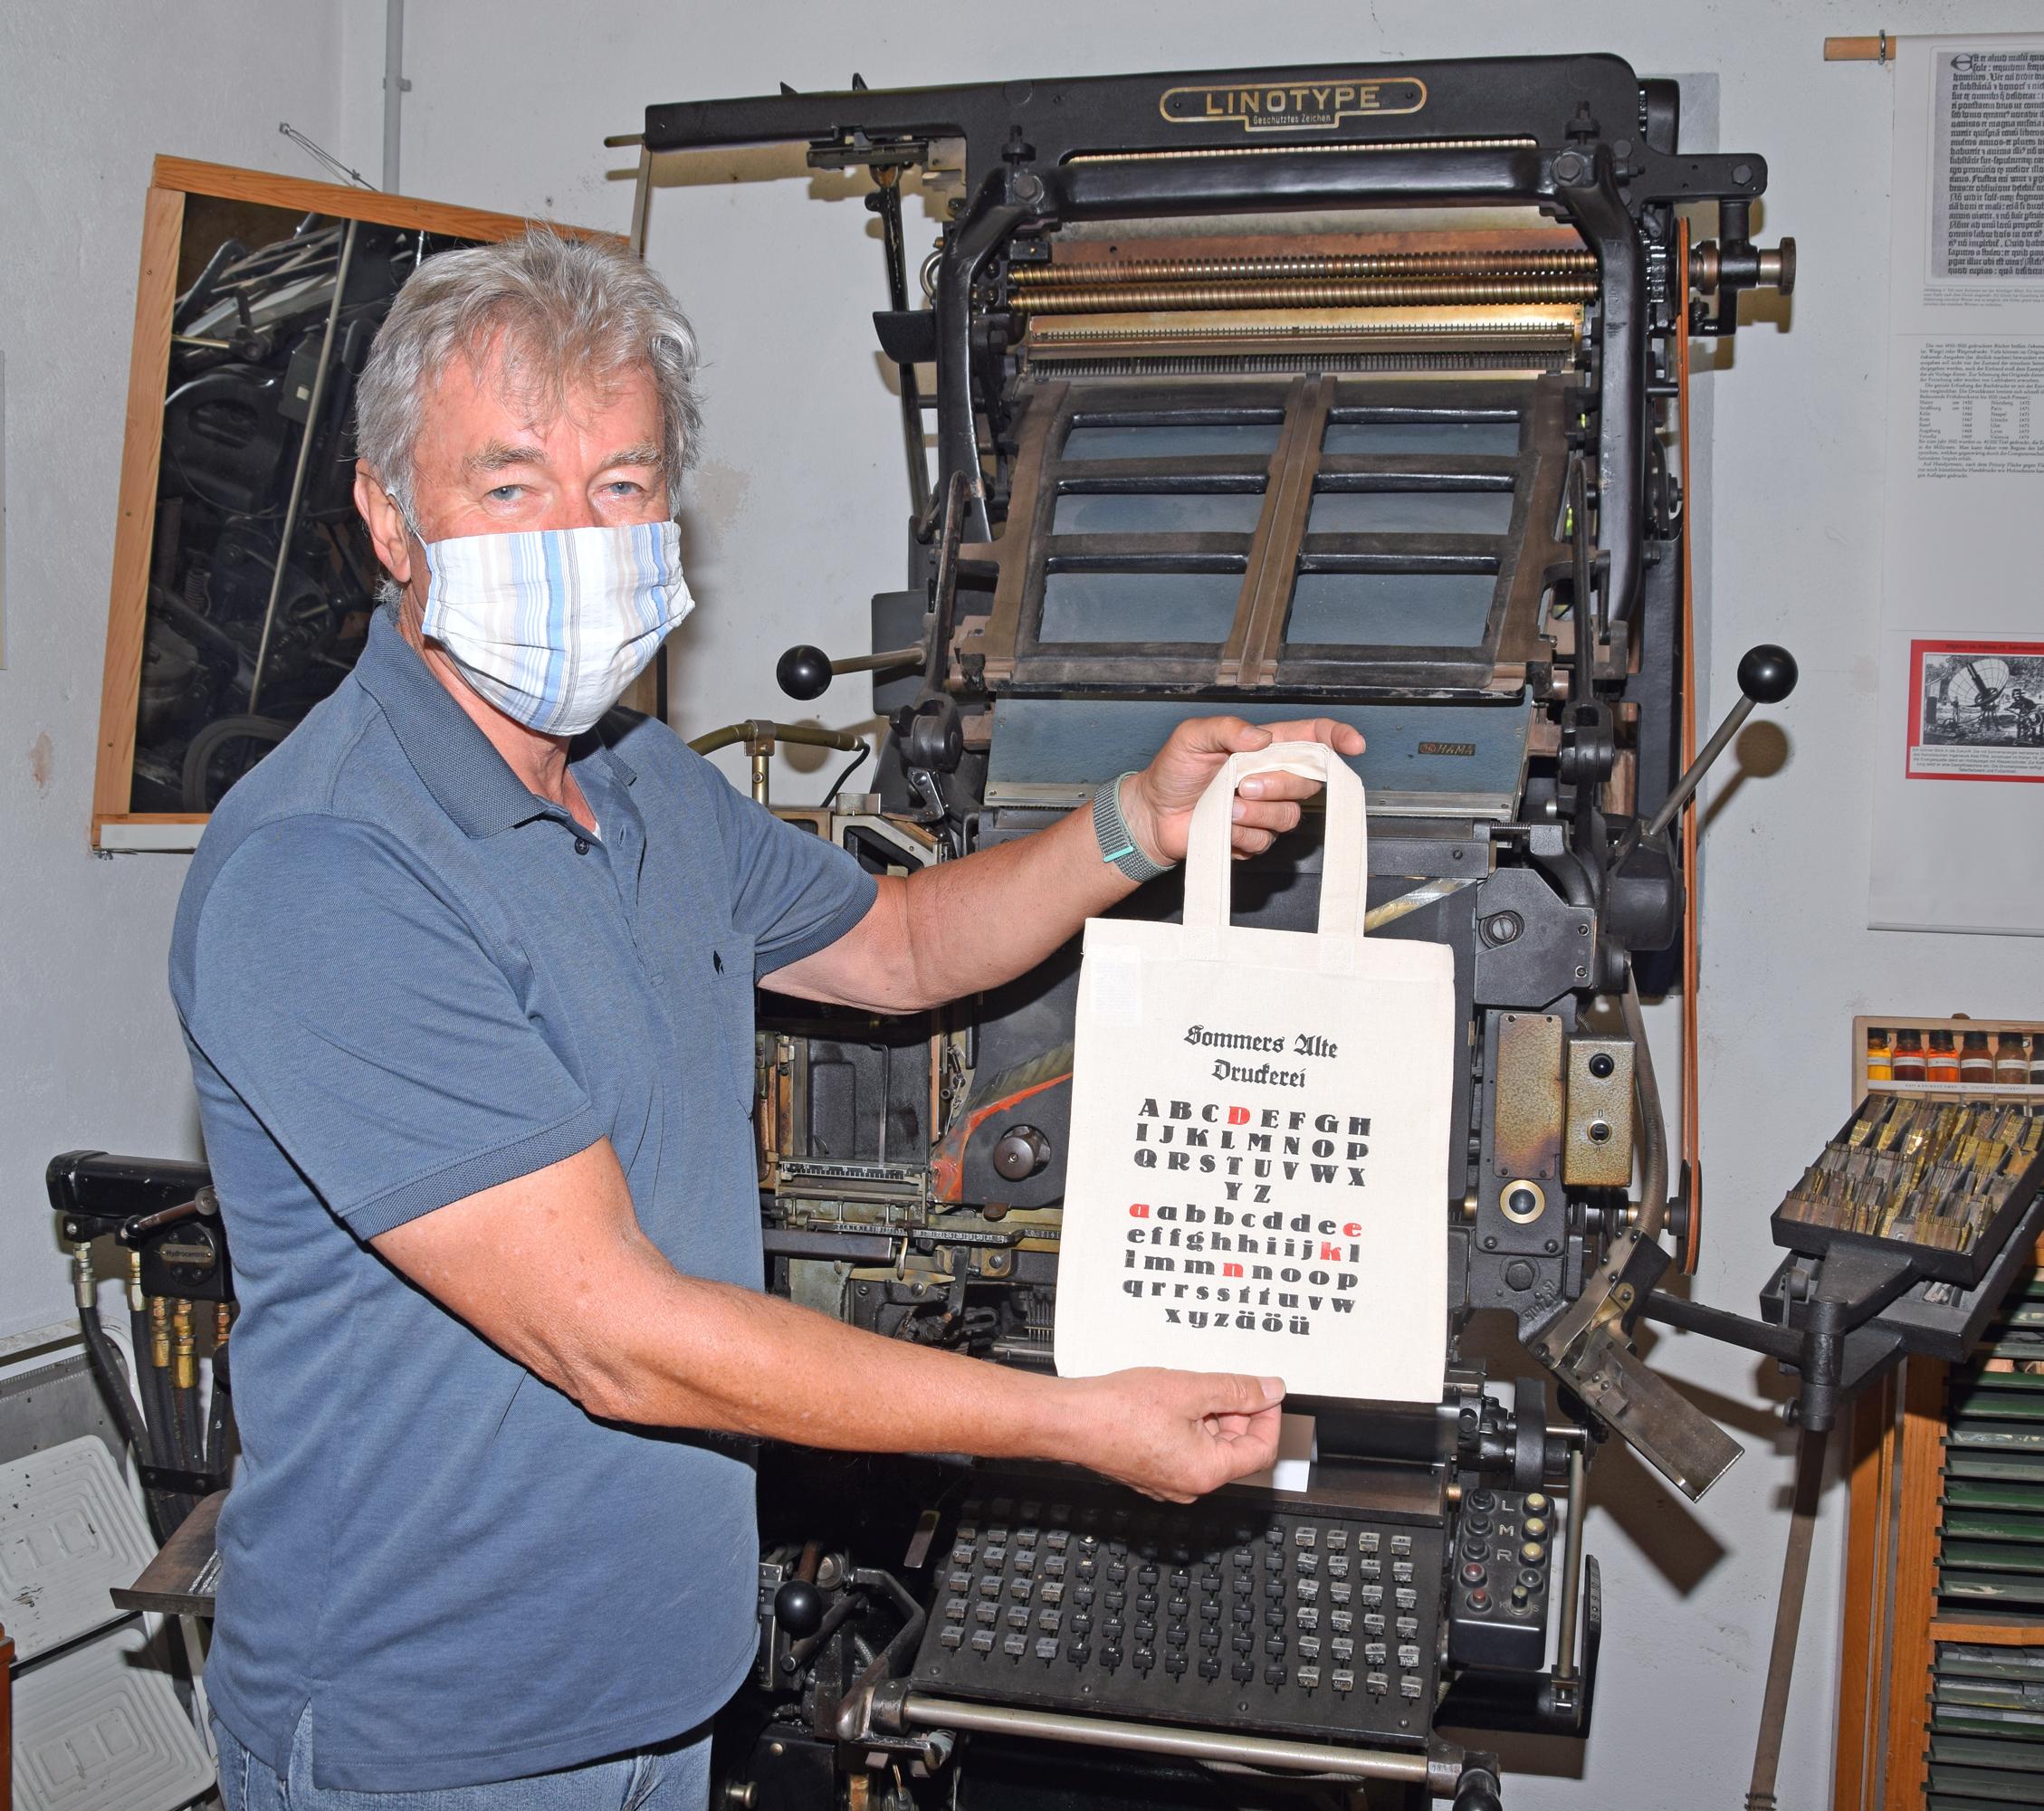 Reiner Haimerl nutzt die Linotype Setzmaschine (Erfindung von Ottmar Mergenthaler aus Bad Mergentheim im Jahr 1886) heute noch zur praktischen Veranschaulichung alter Druckkunst. Fotos: ul